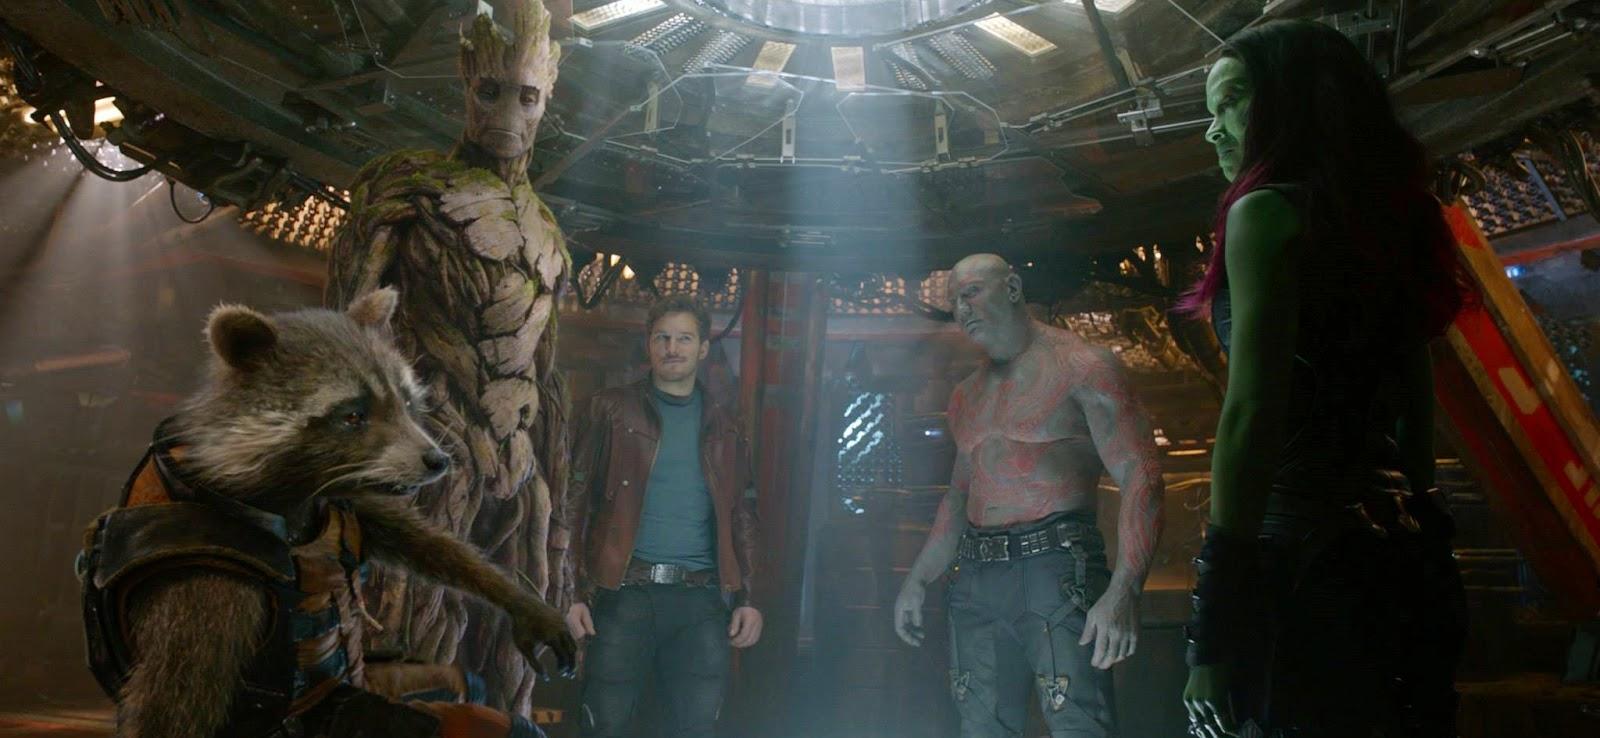 Guardiões da Galáxia, Interestelar e Transformers entre os pré-selecionados ao Oscar de Efeitos Visuais